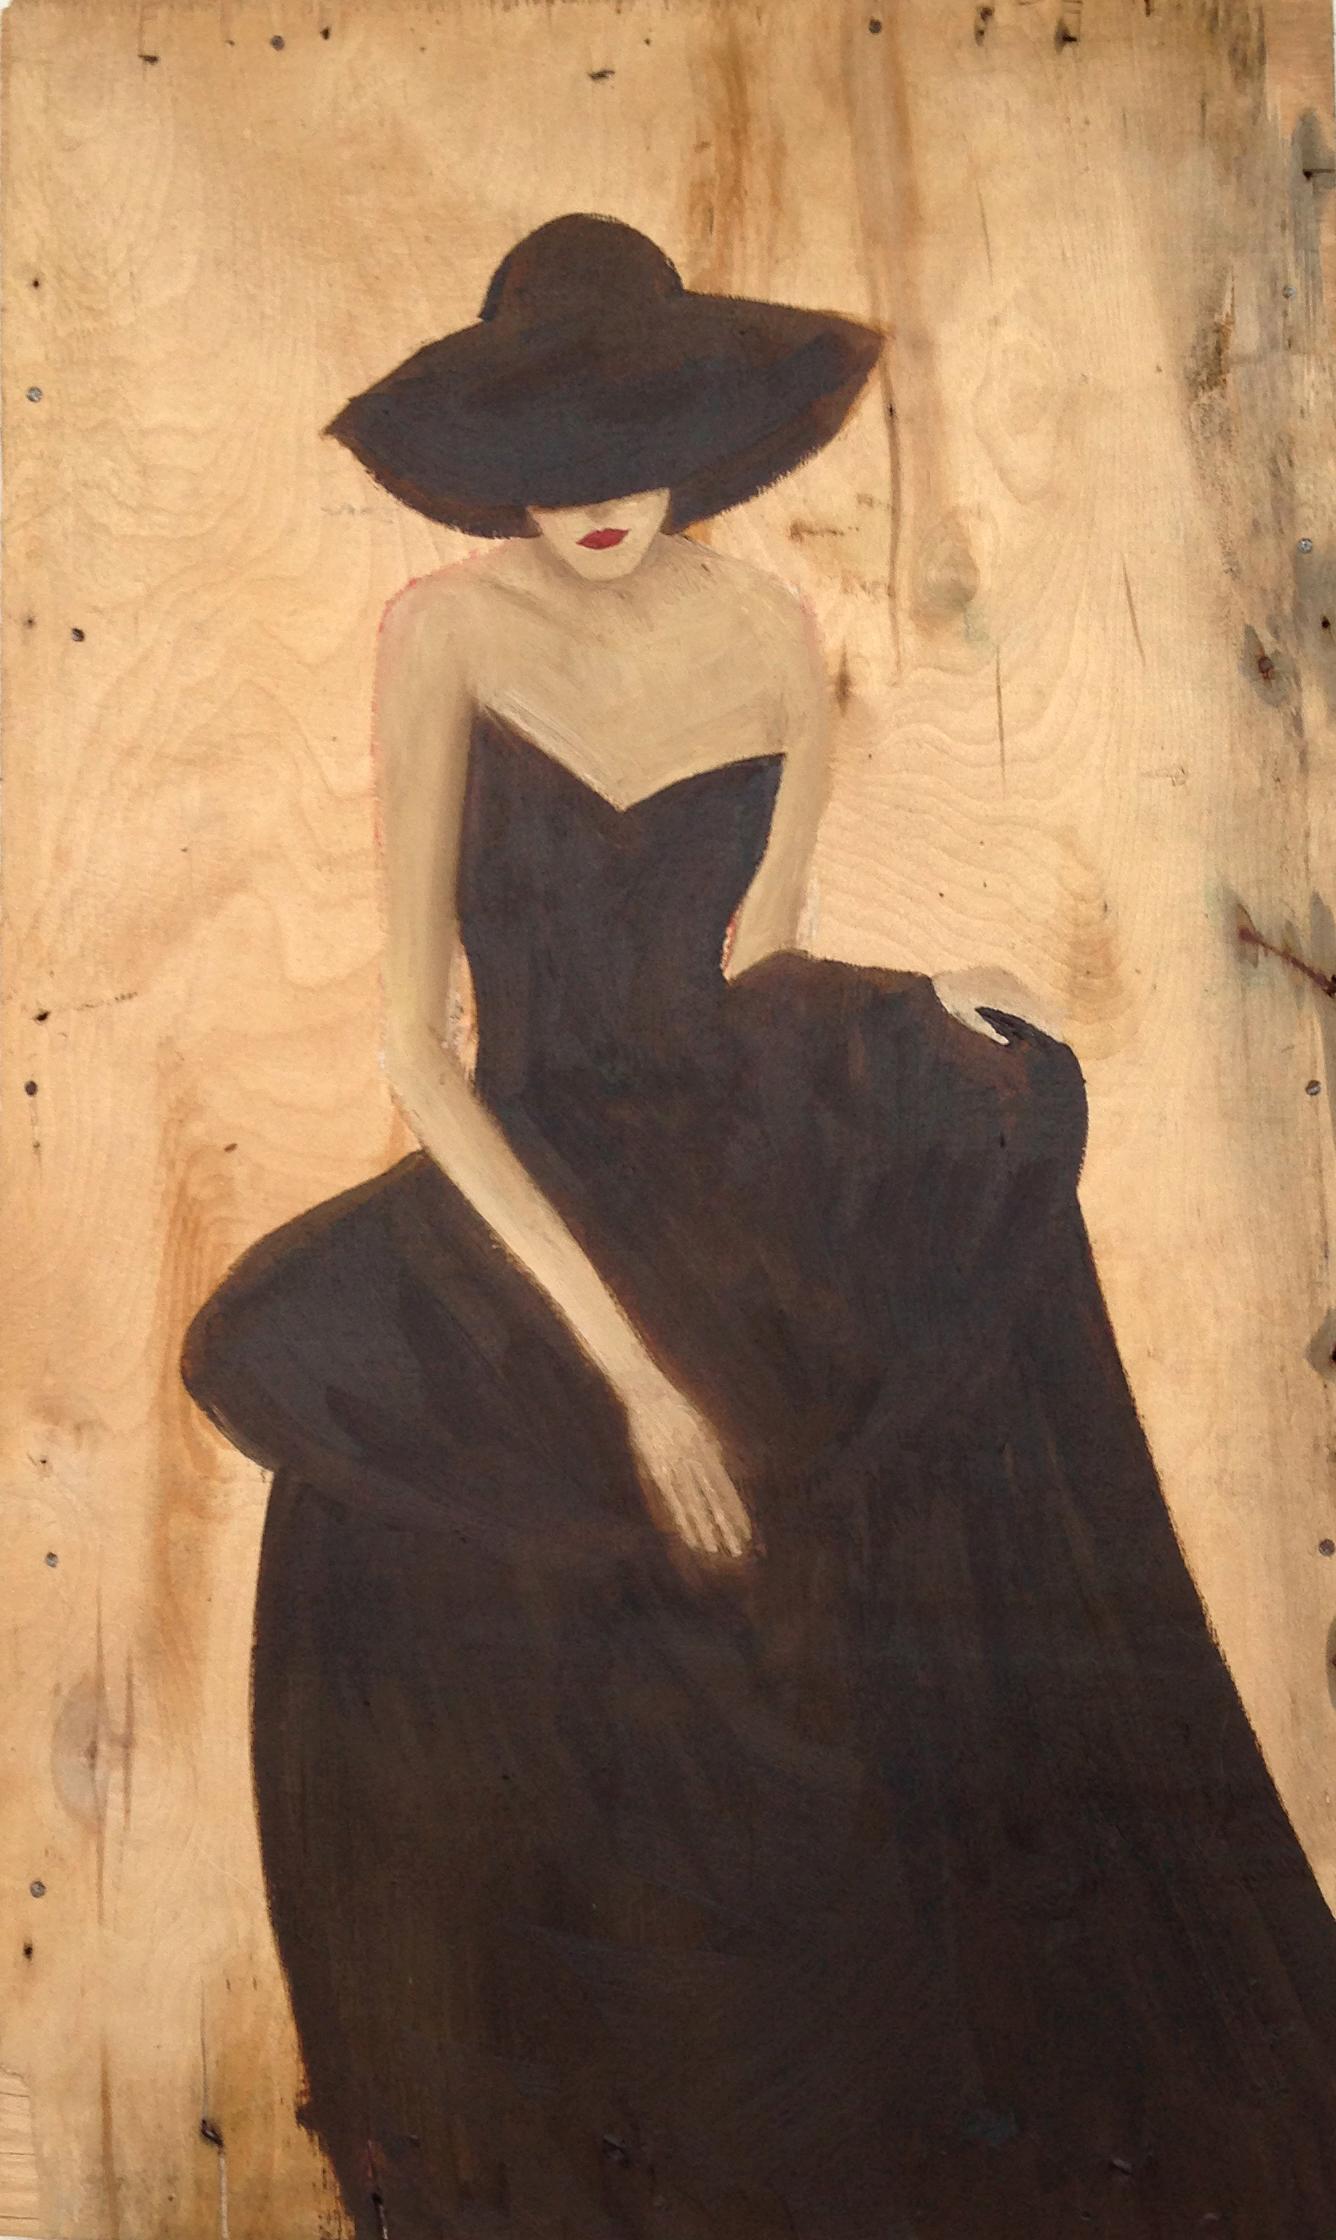 moon. Frau auf Holz im braunen Abendkleid